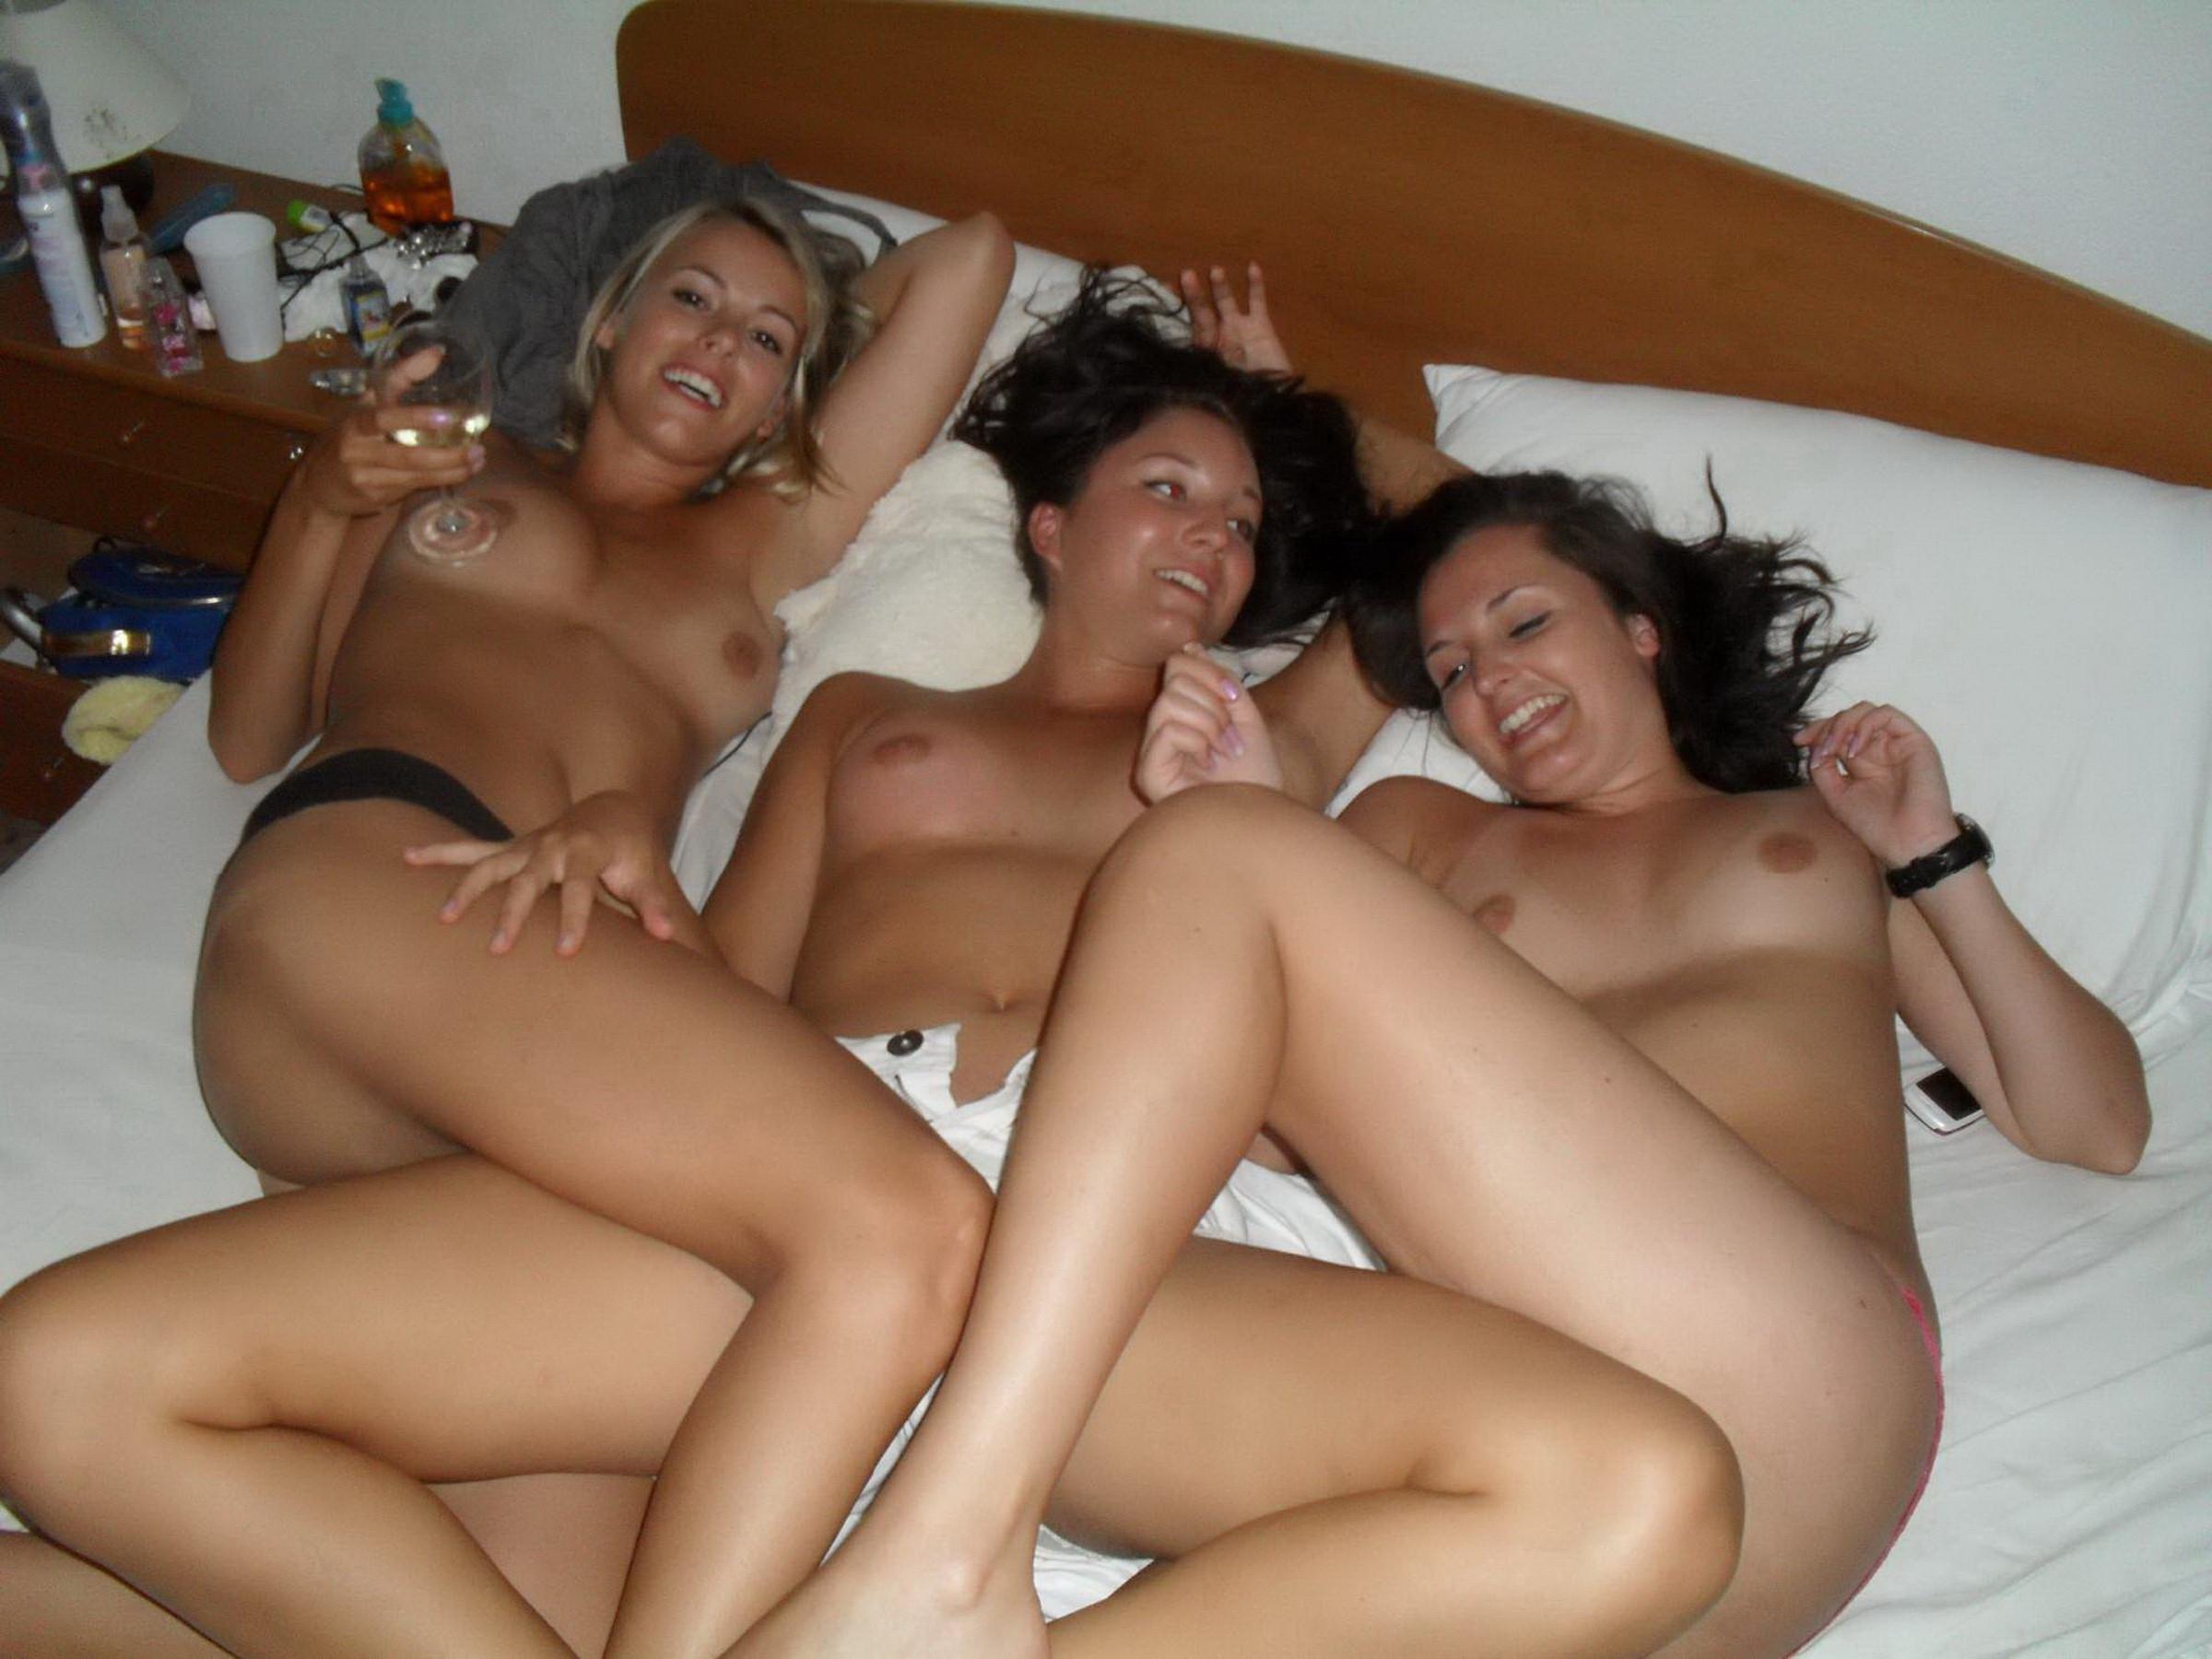 Молодые лесбиянки трахаются на съемных хатах 8 фото